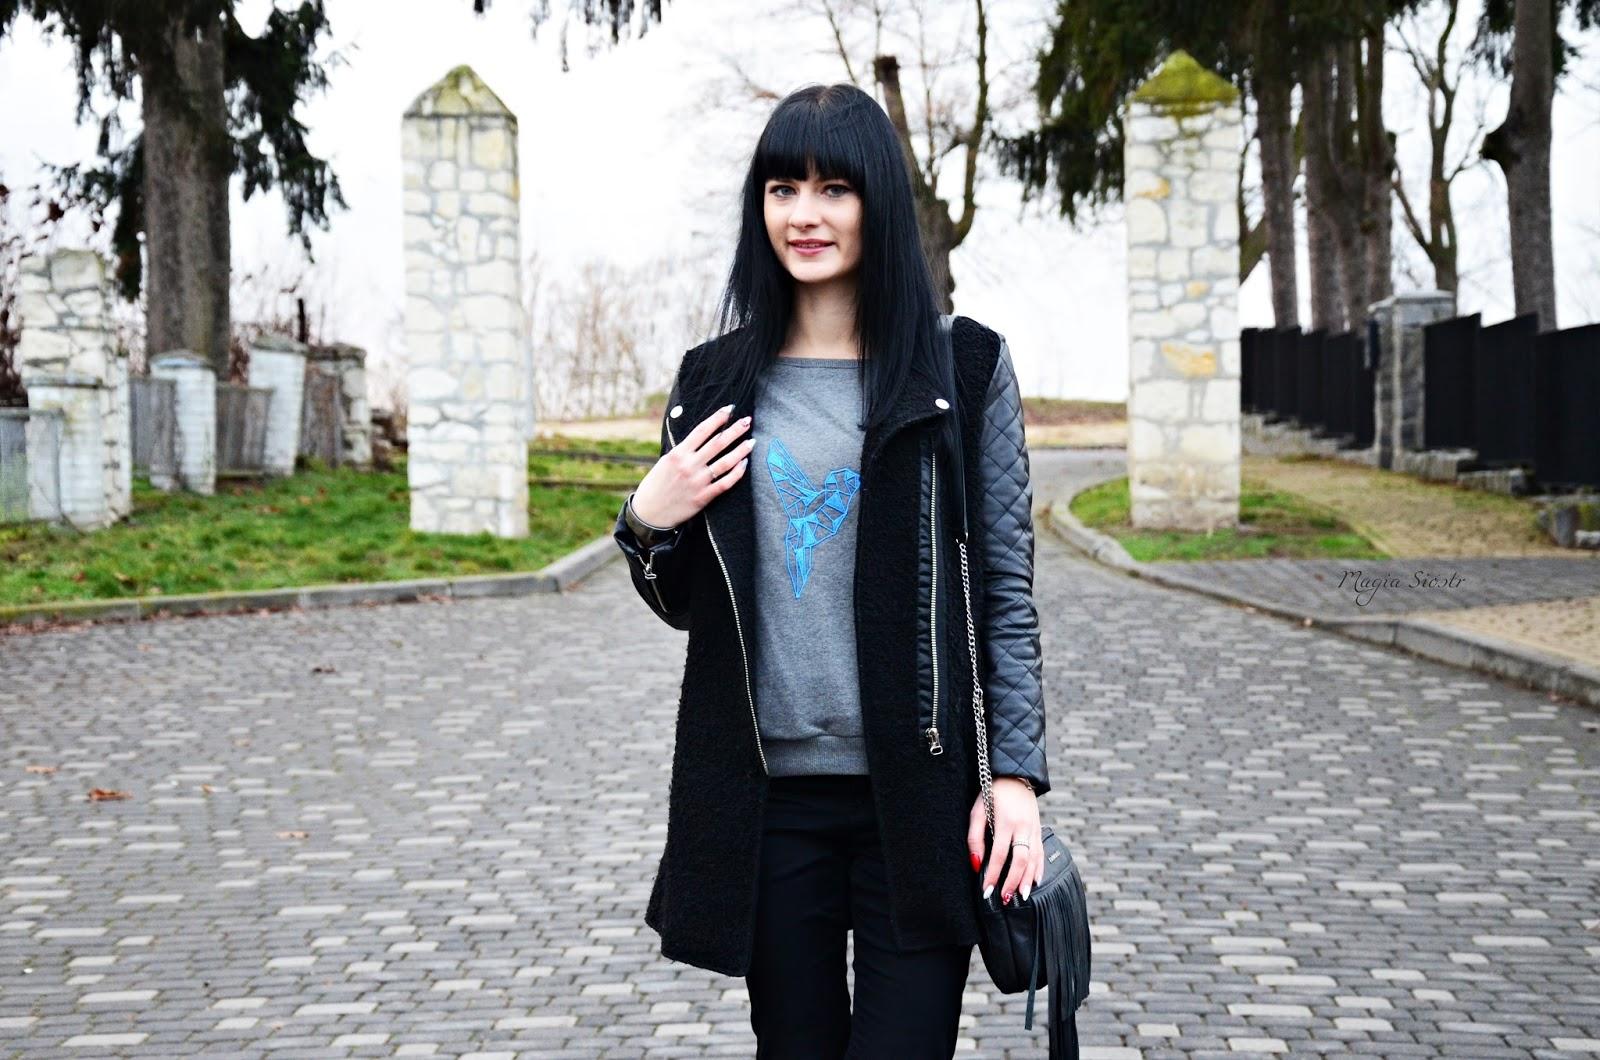 czarny płaszcz ze skórzanymi rękawami, płaszcz jesienny